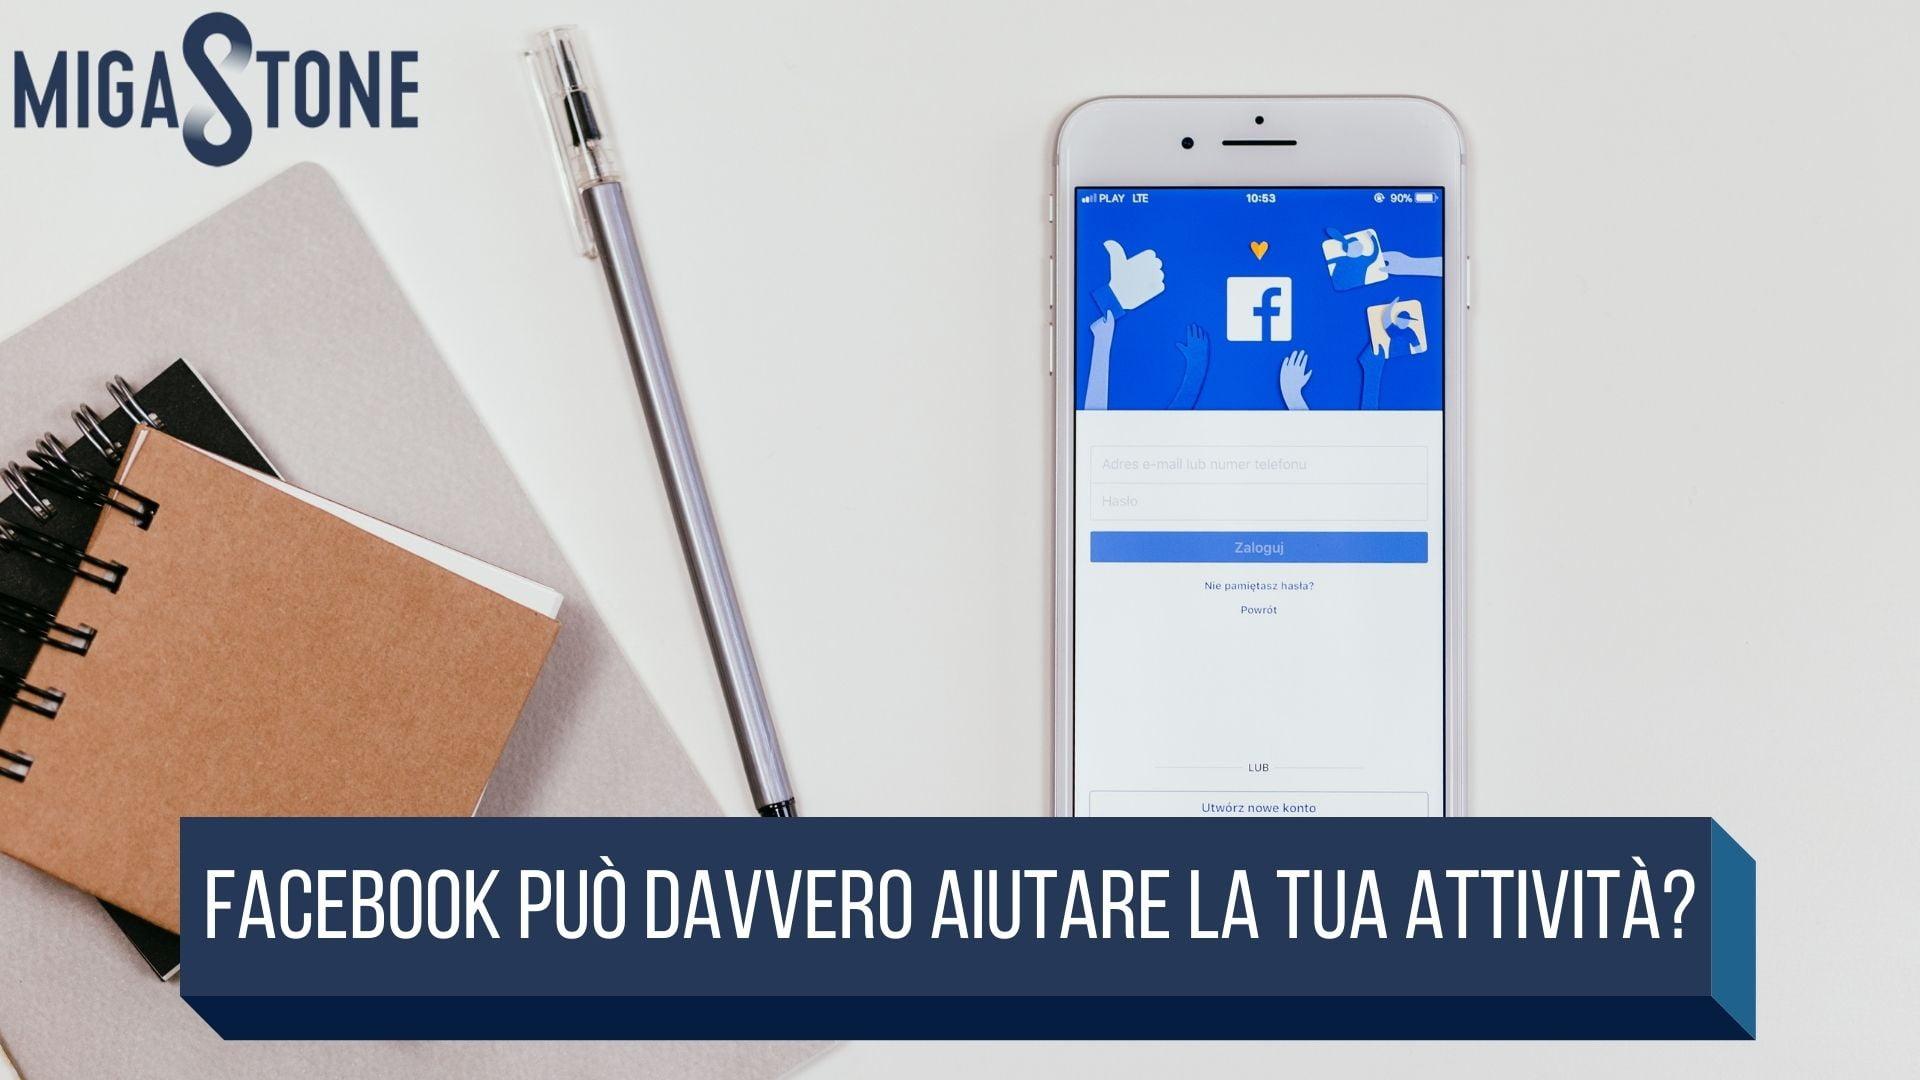 , Facebook può davvero aiutare la tua attività?, Migastone Blog